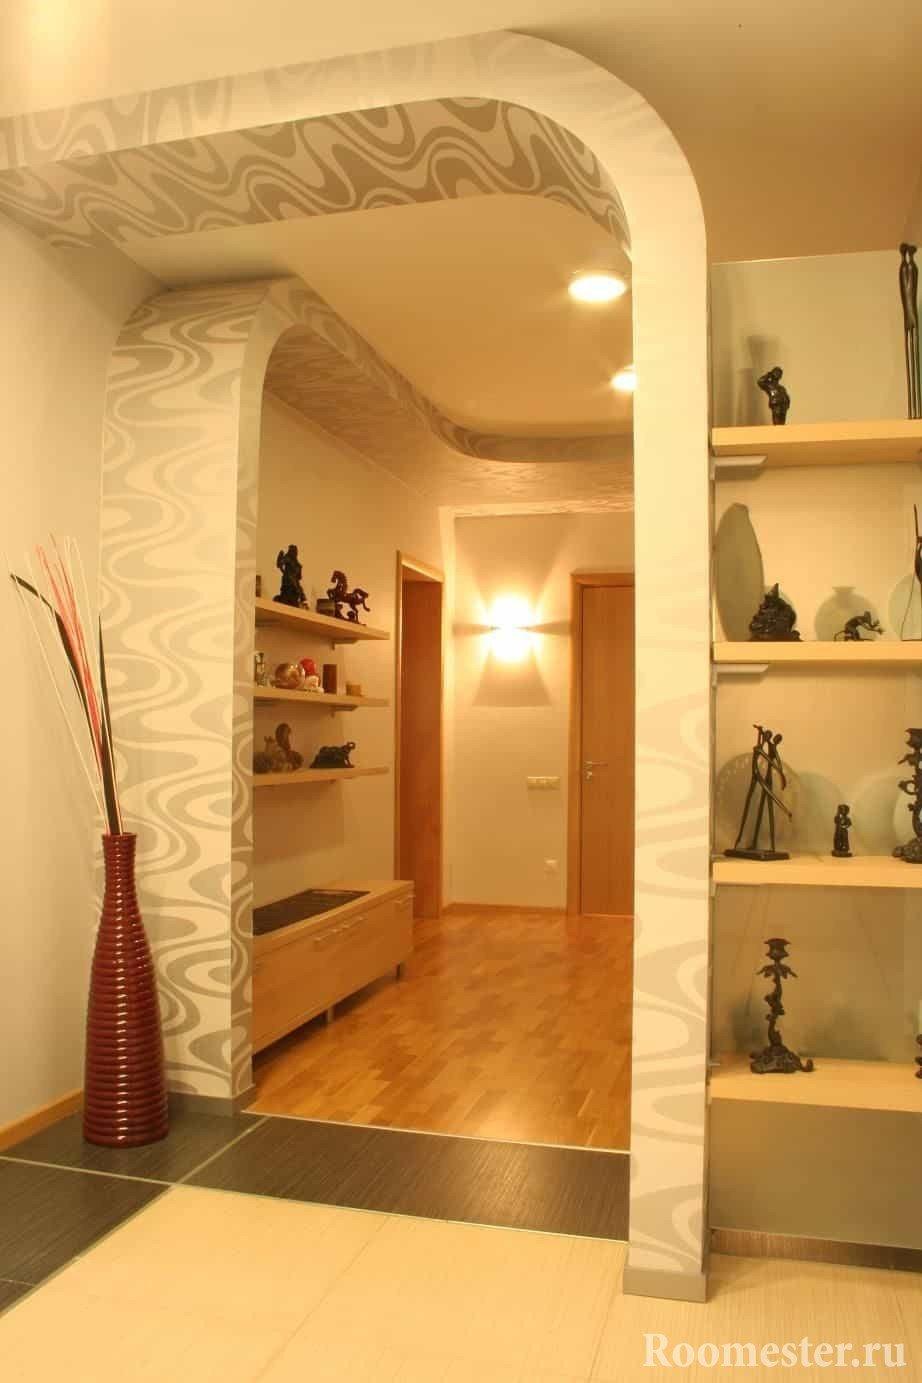 Отделка маленького коридора гипсокартонными конструкциями вместо дверных проемов